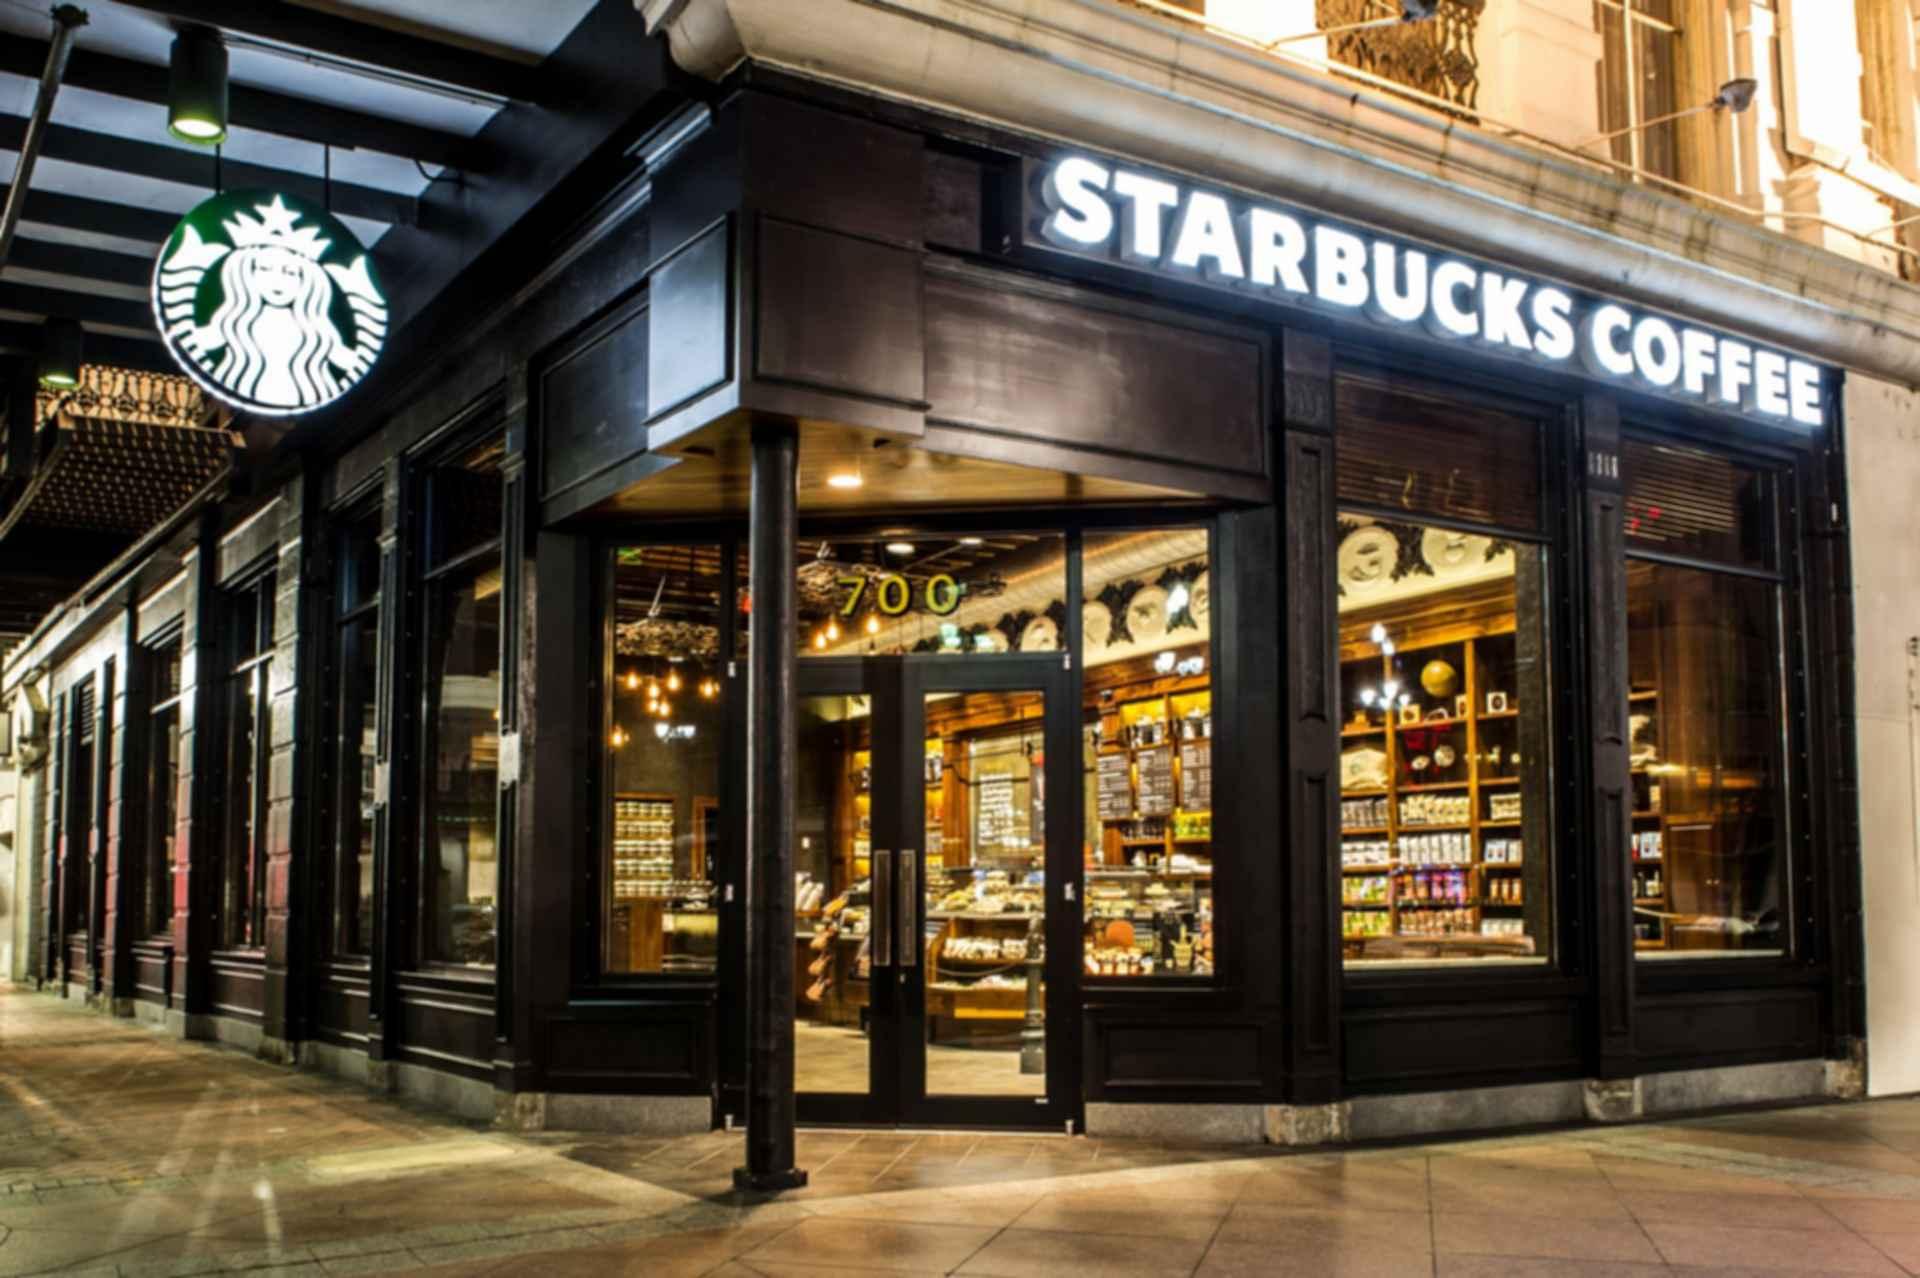 New Orleans Starbucks - Exterior